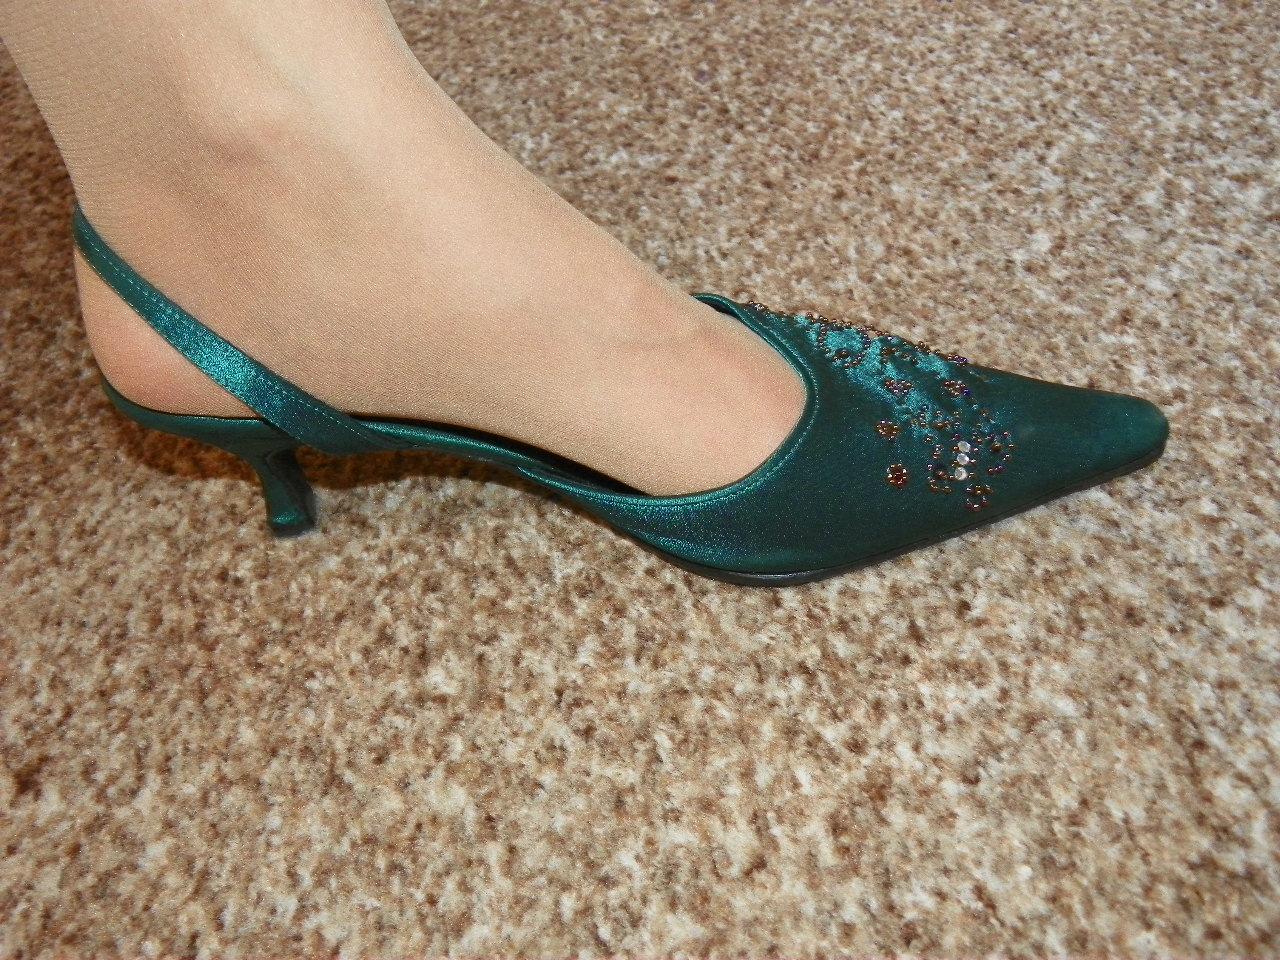 adb192d4371 Tmavě zelené společenské boty